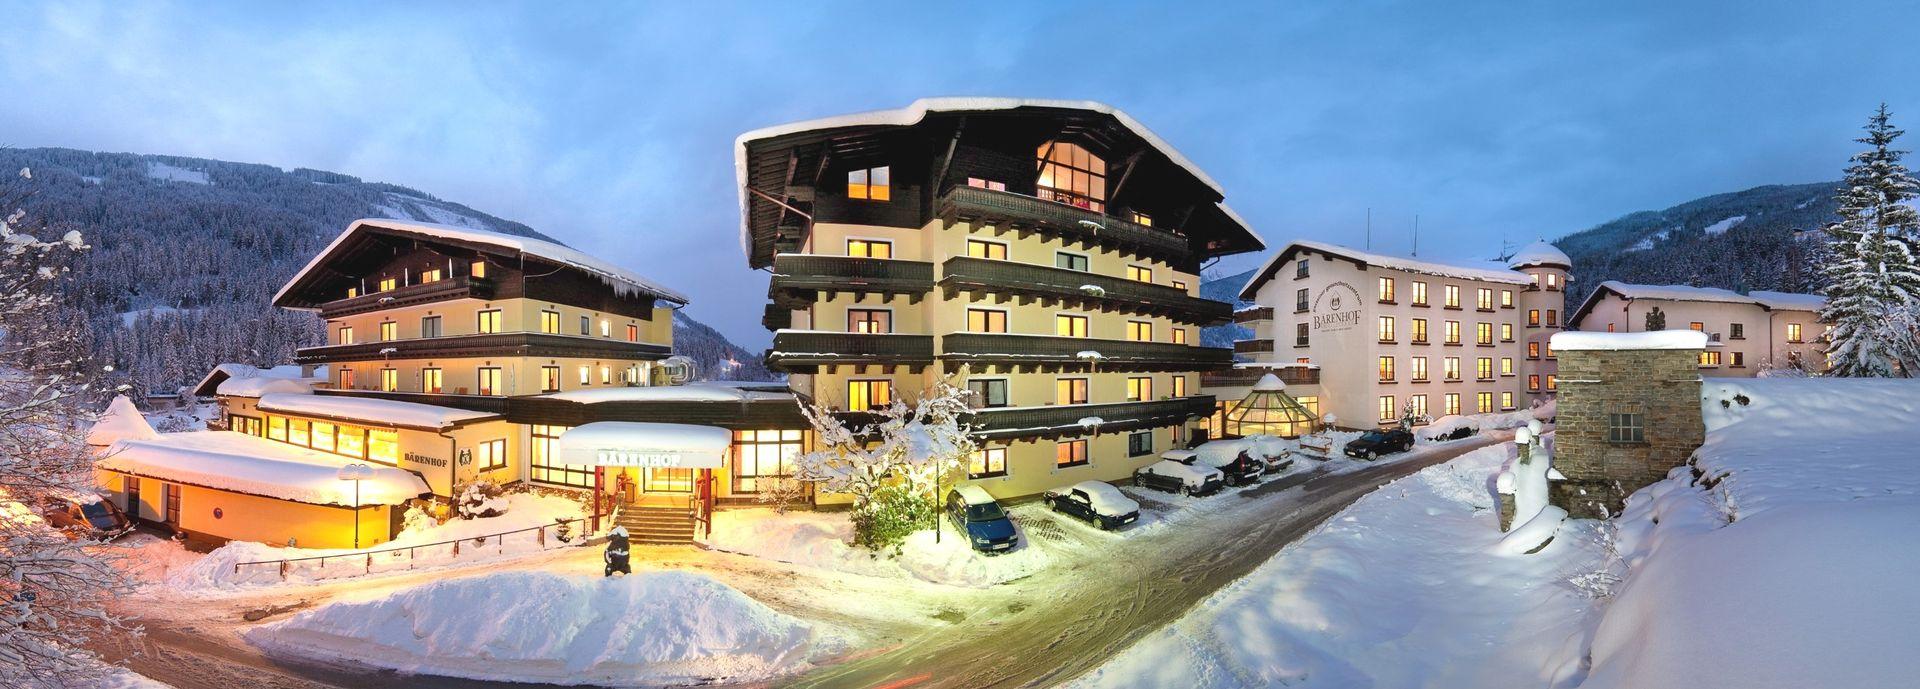 Slide1 - Hotel Barenhof